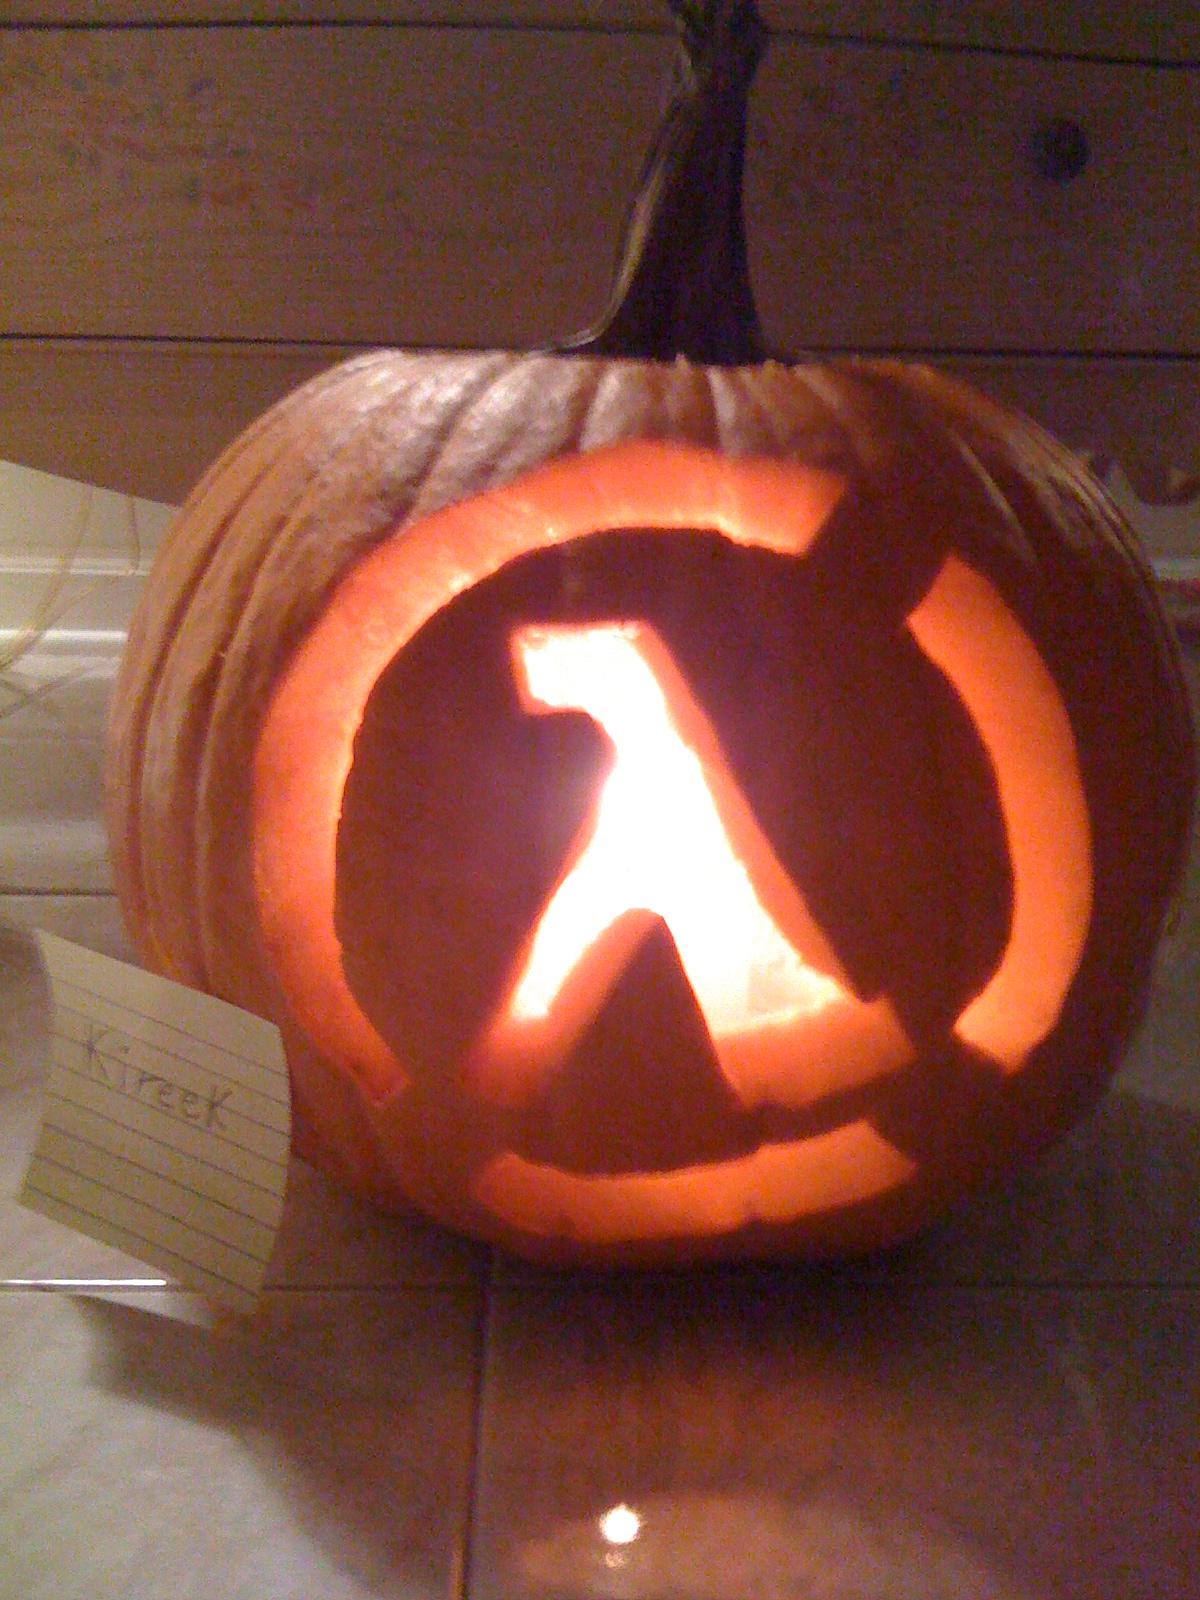 halflife_pumpkin_01